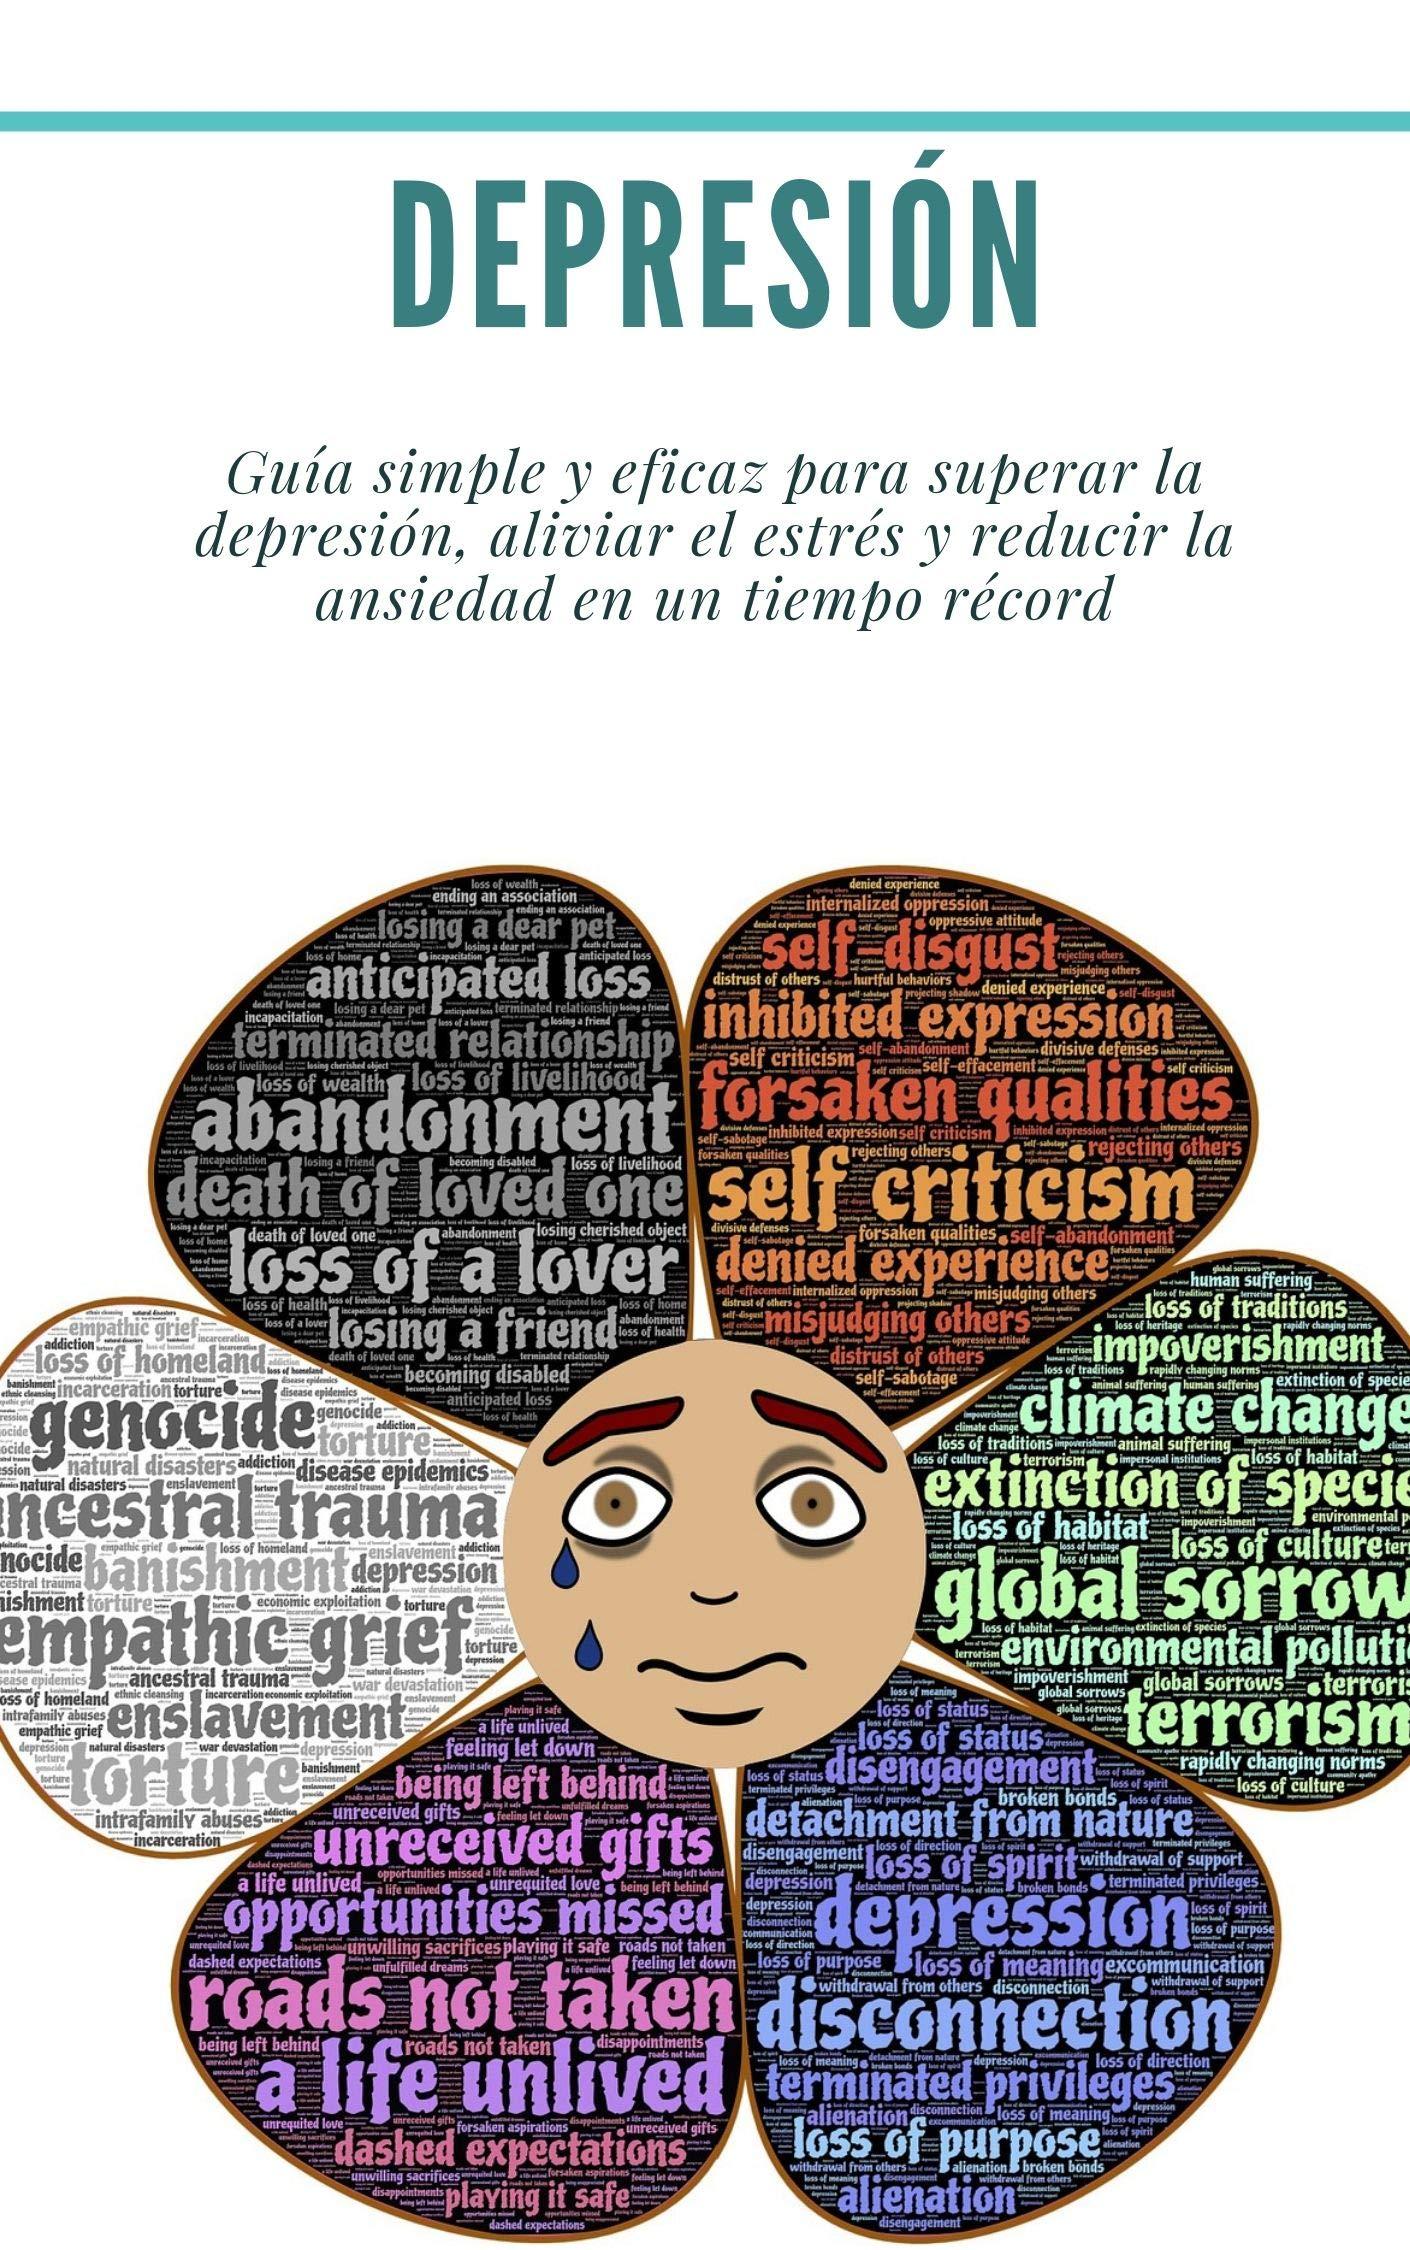 Depresión: Guía simple y eficaz para superar la depresión, aliviar el estrés y reducir la ansiedad en un tiempo récord: (salud, fatiga, depresión)